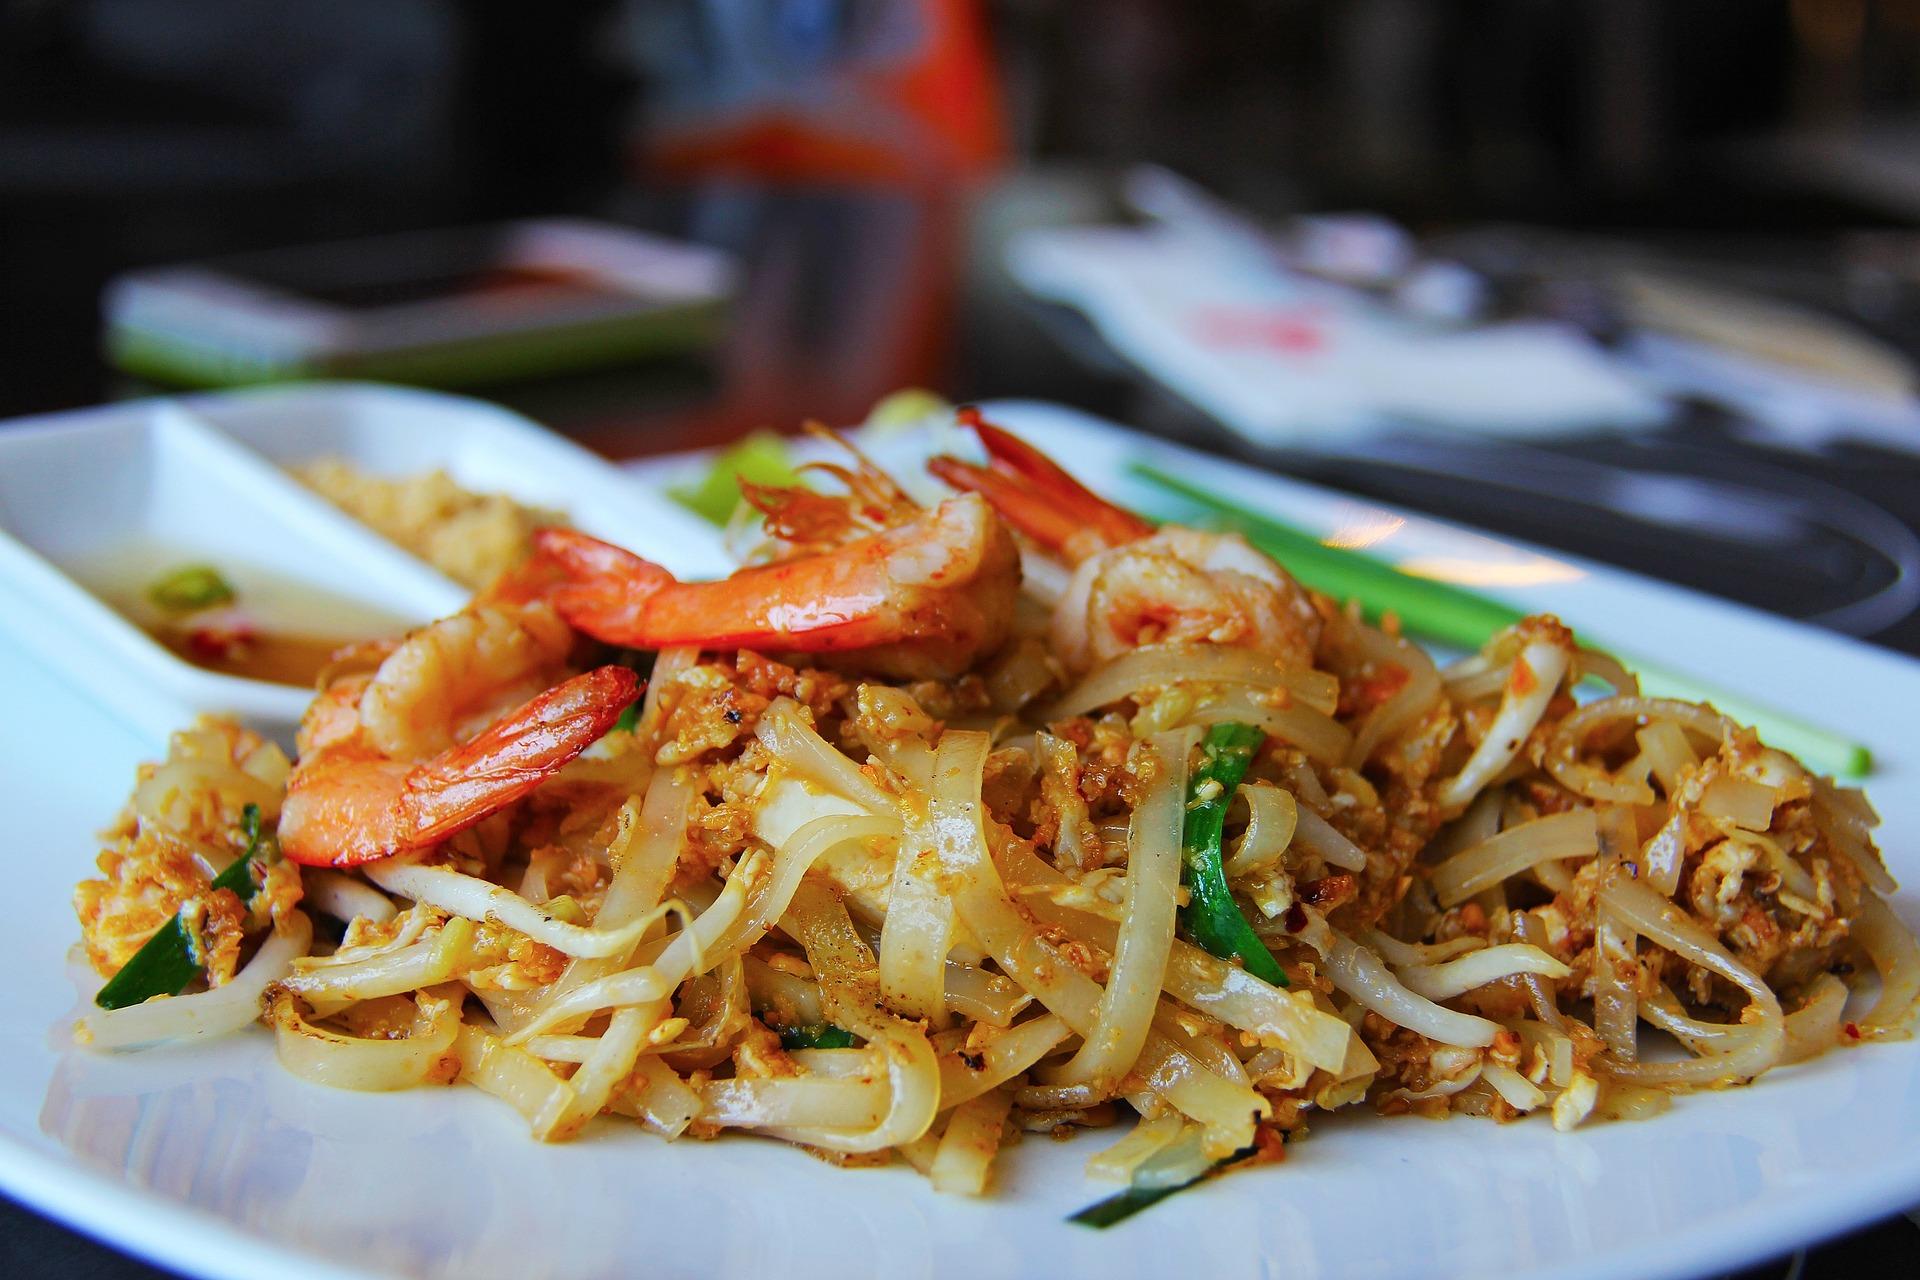 Pad thai de la cocina tailandesa